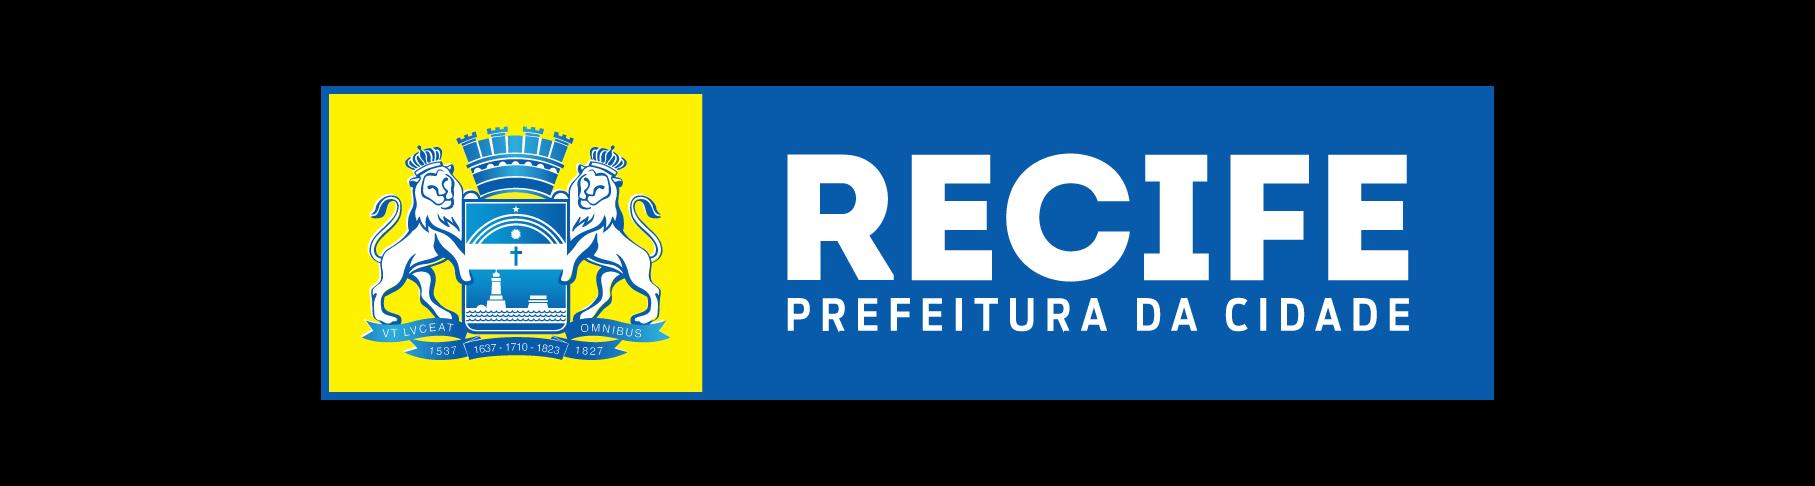 Prefeitura da Cidade do Recife